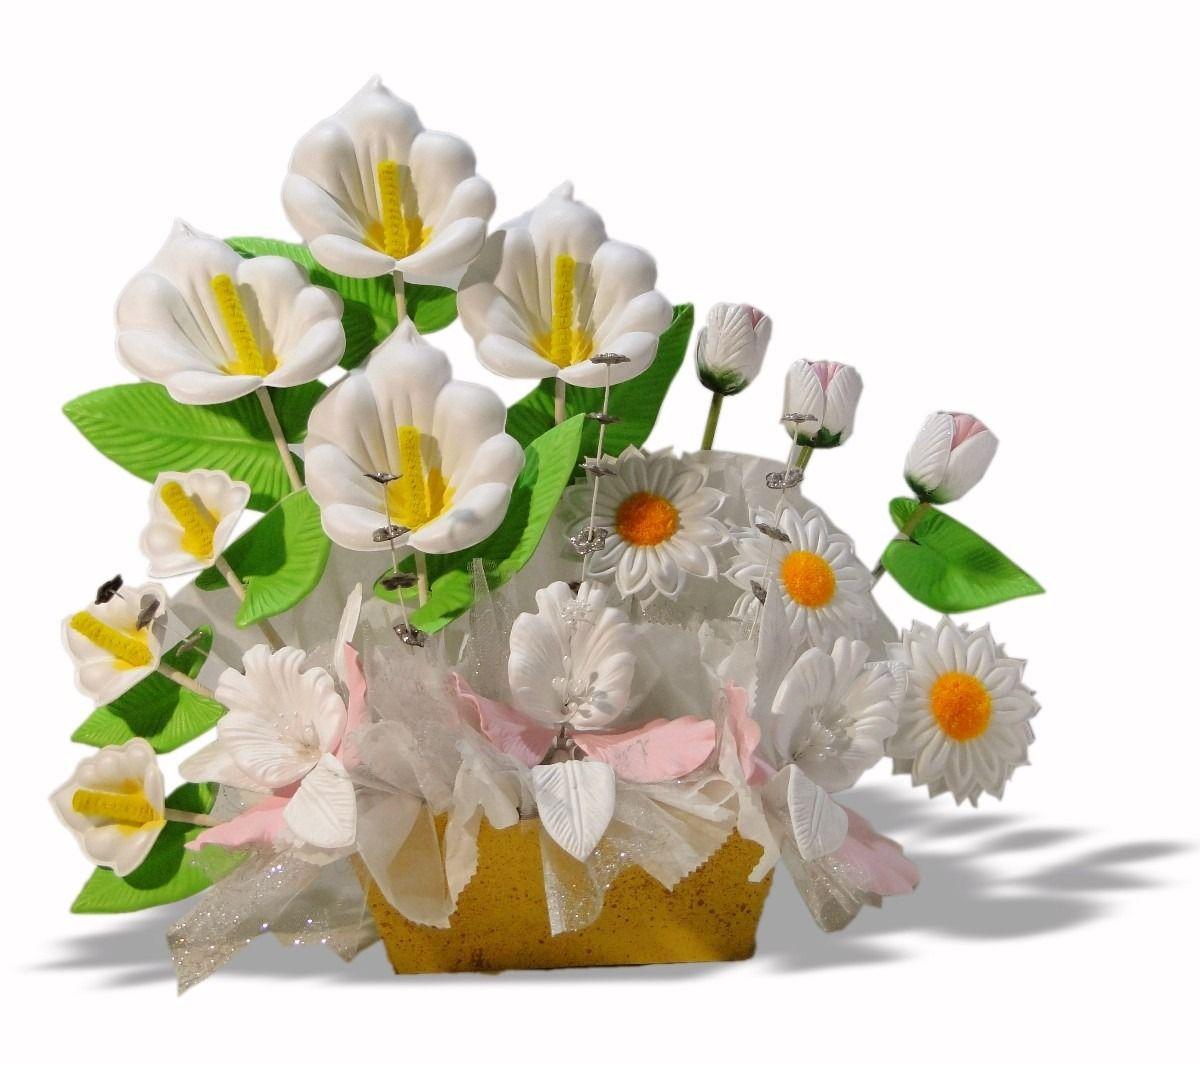 Arreglos florales de fomi paso a paso - Imagui | Flower arrangements,  Flower crafts, Flowers